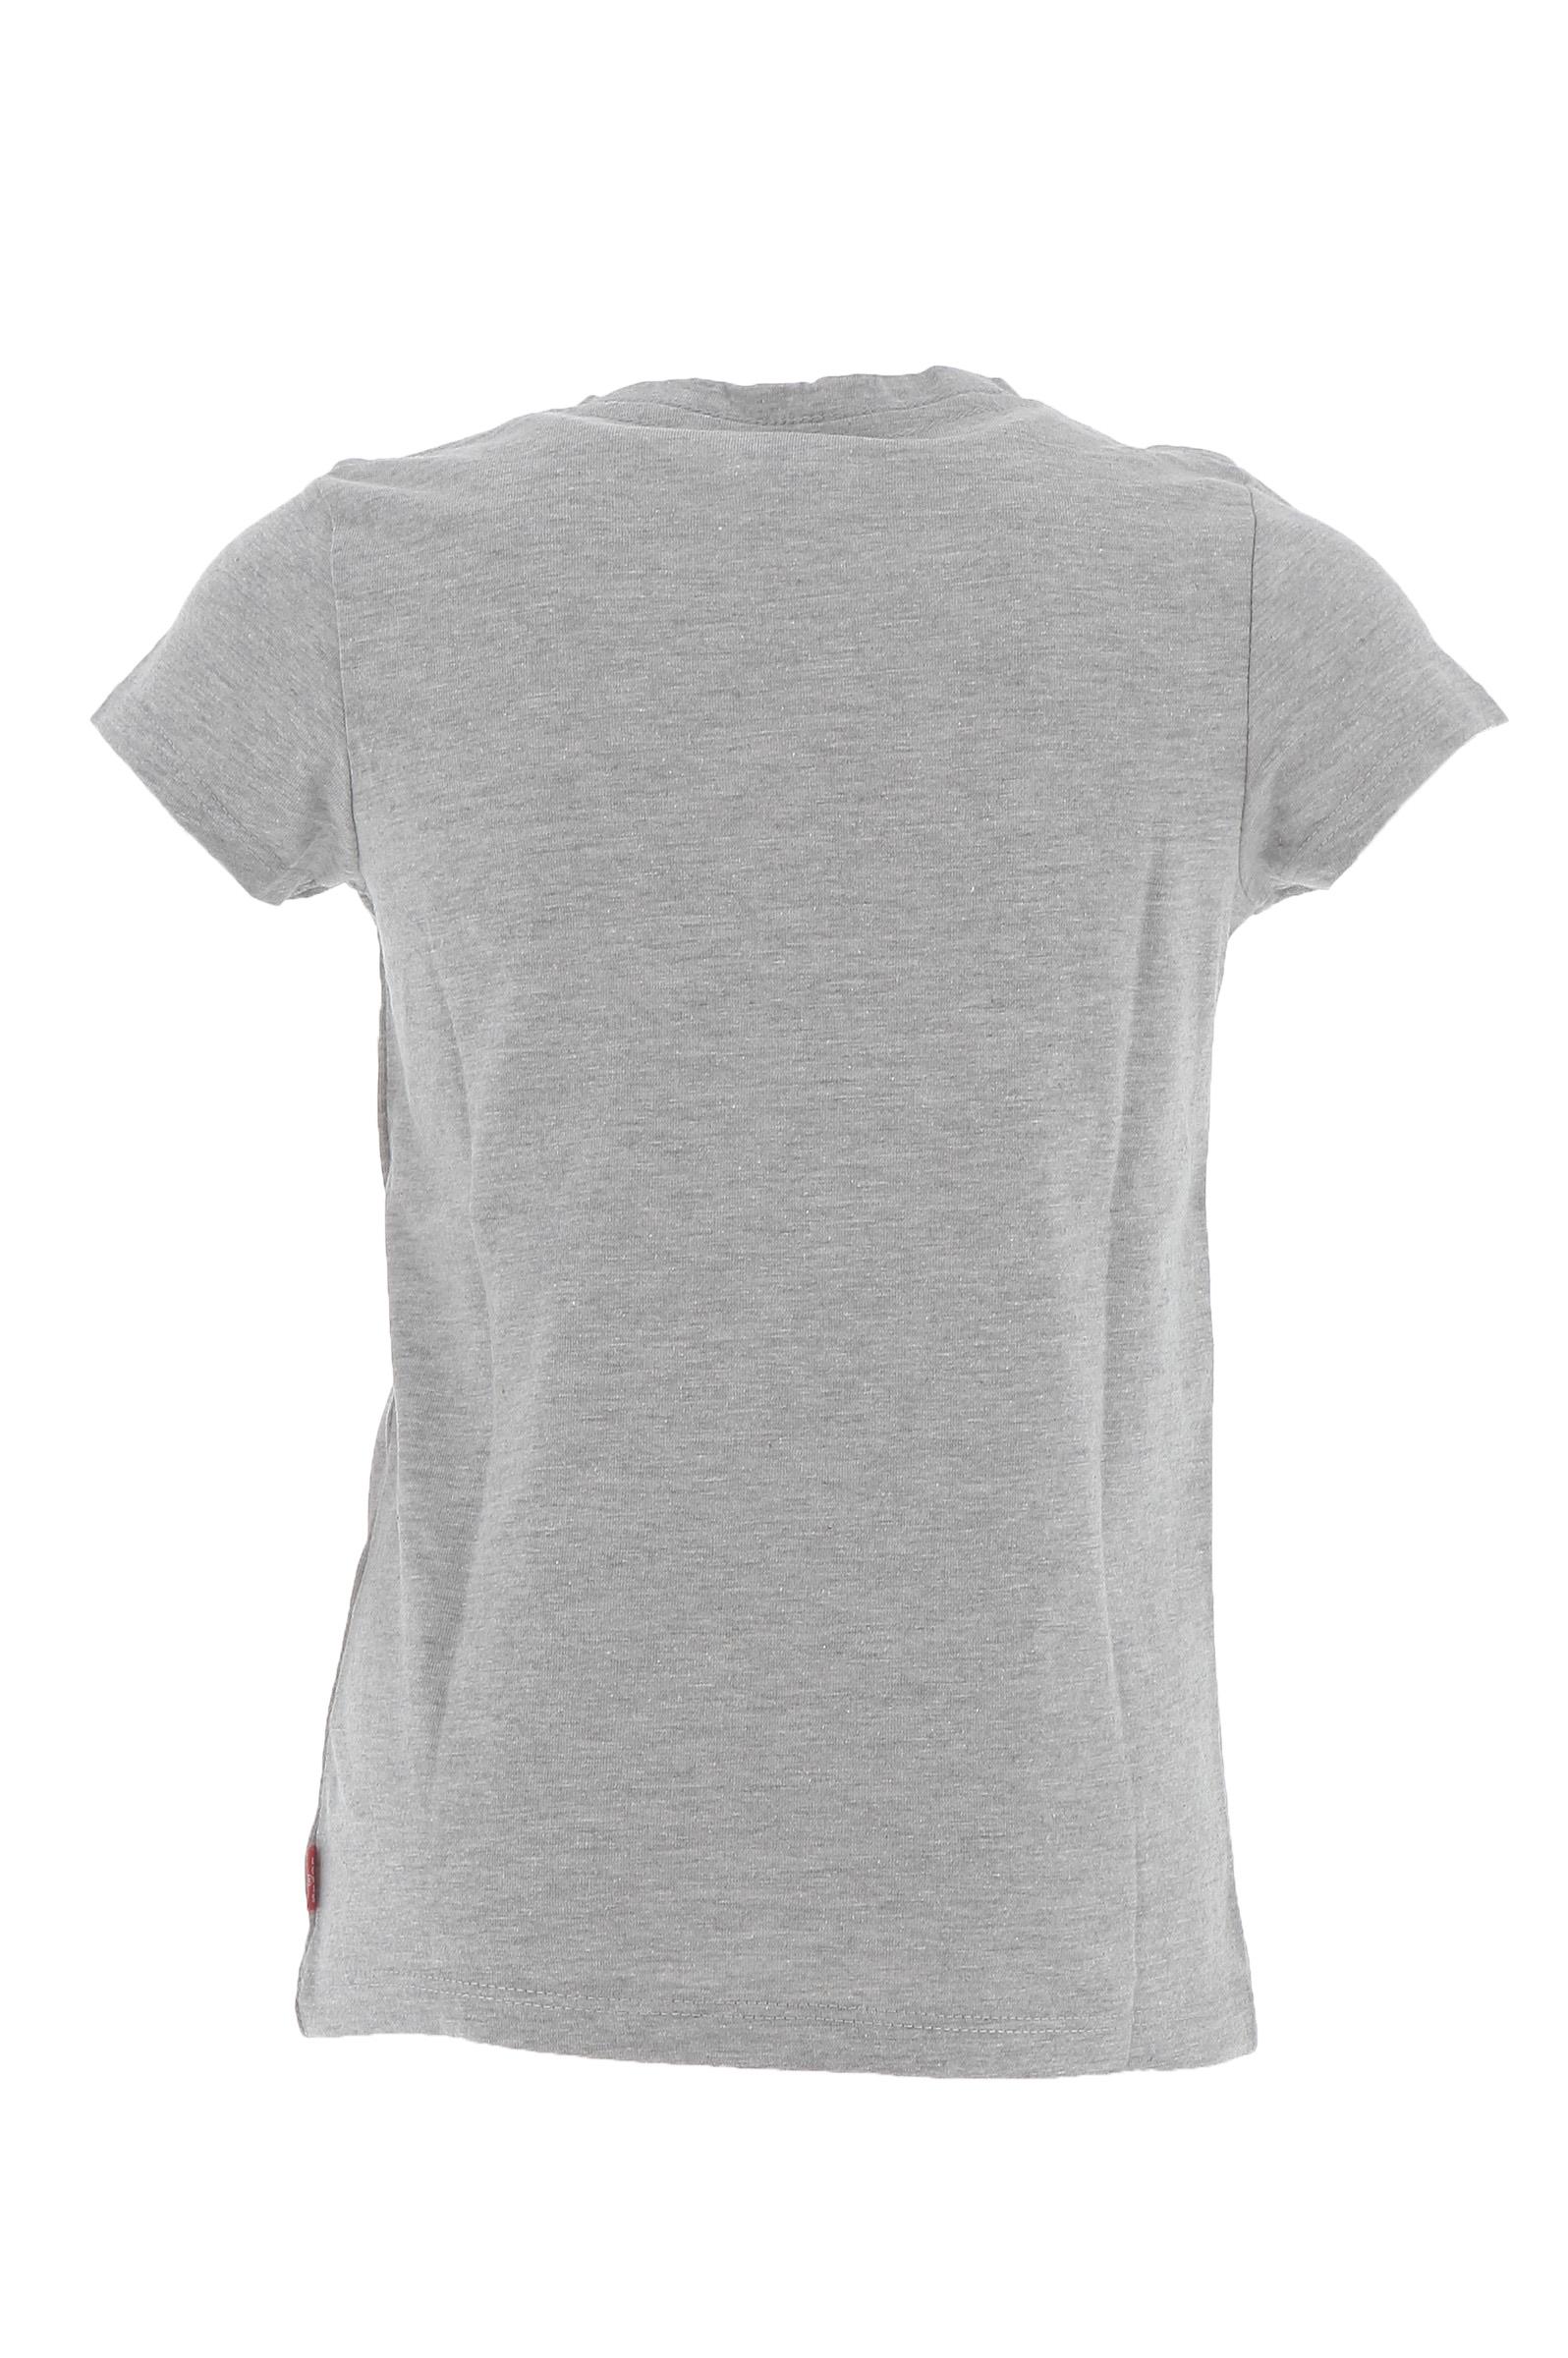 Levi's t-shirt LEVIS | T-shirt | 4E4234078